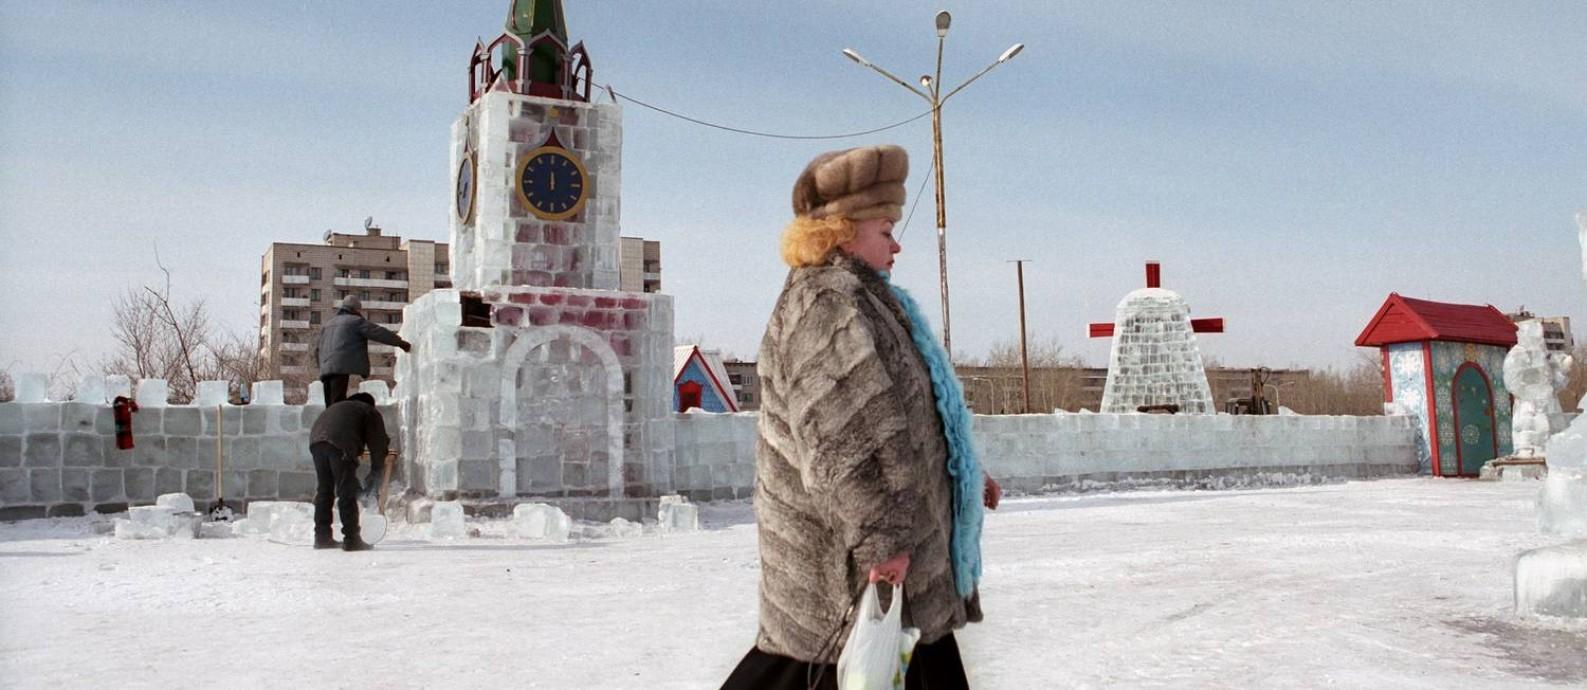 Para o curador da mostra, Luiz Fernando Carvalho, um grande traço da obra é não enaltecer nem demonizar o regime soviético Foto: Sergey Maximishin / Focus